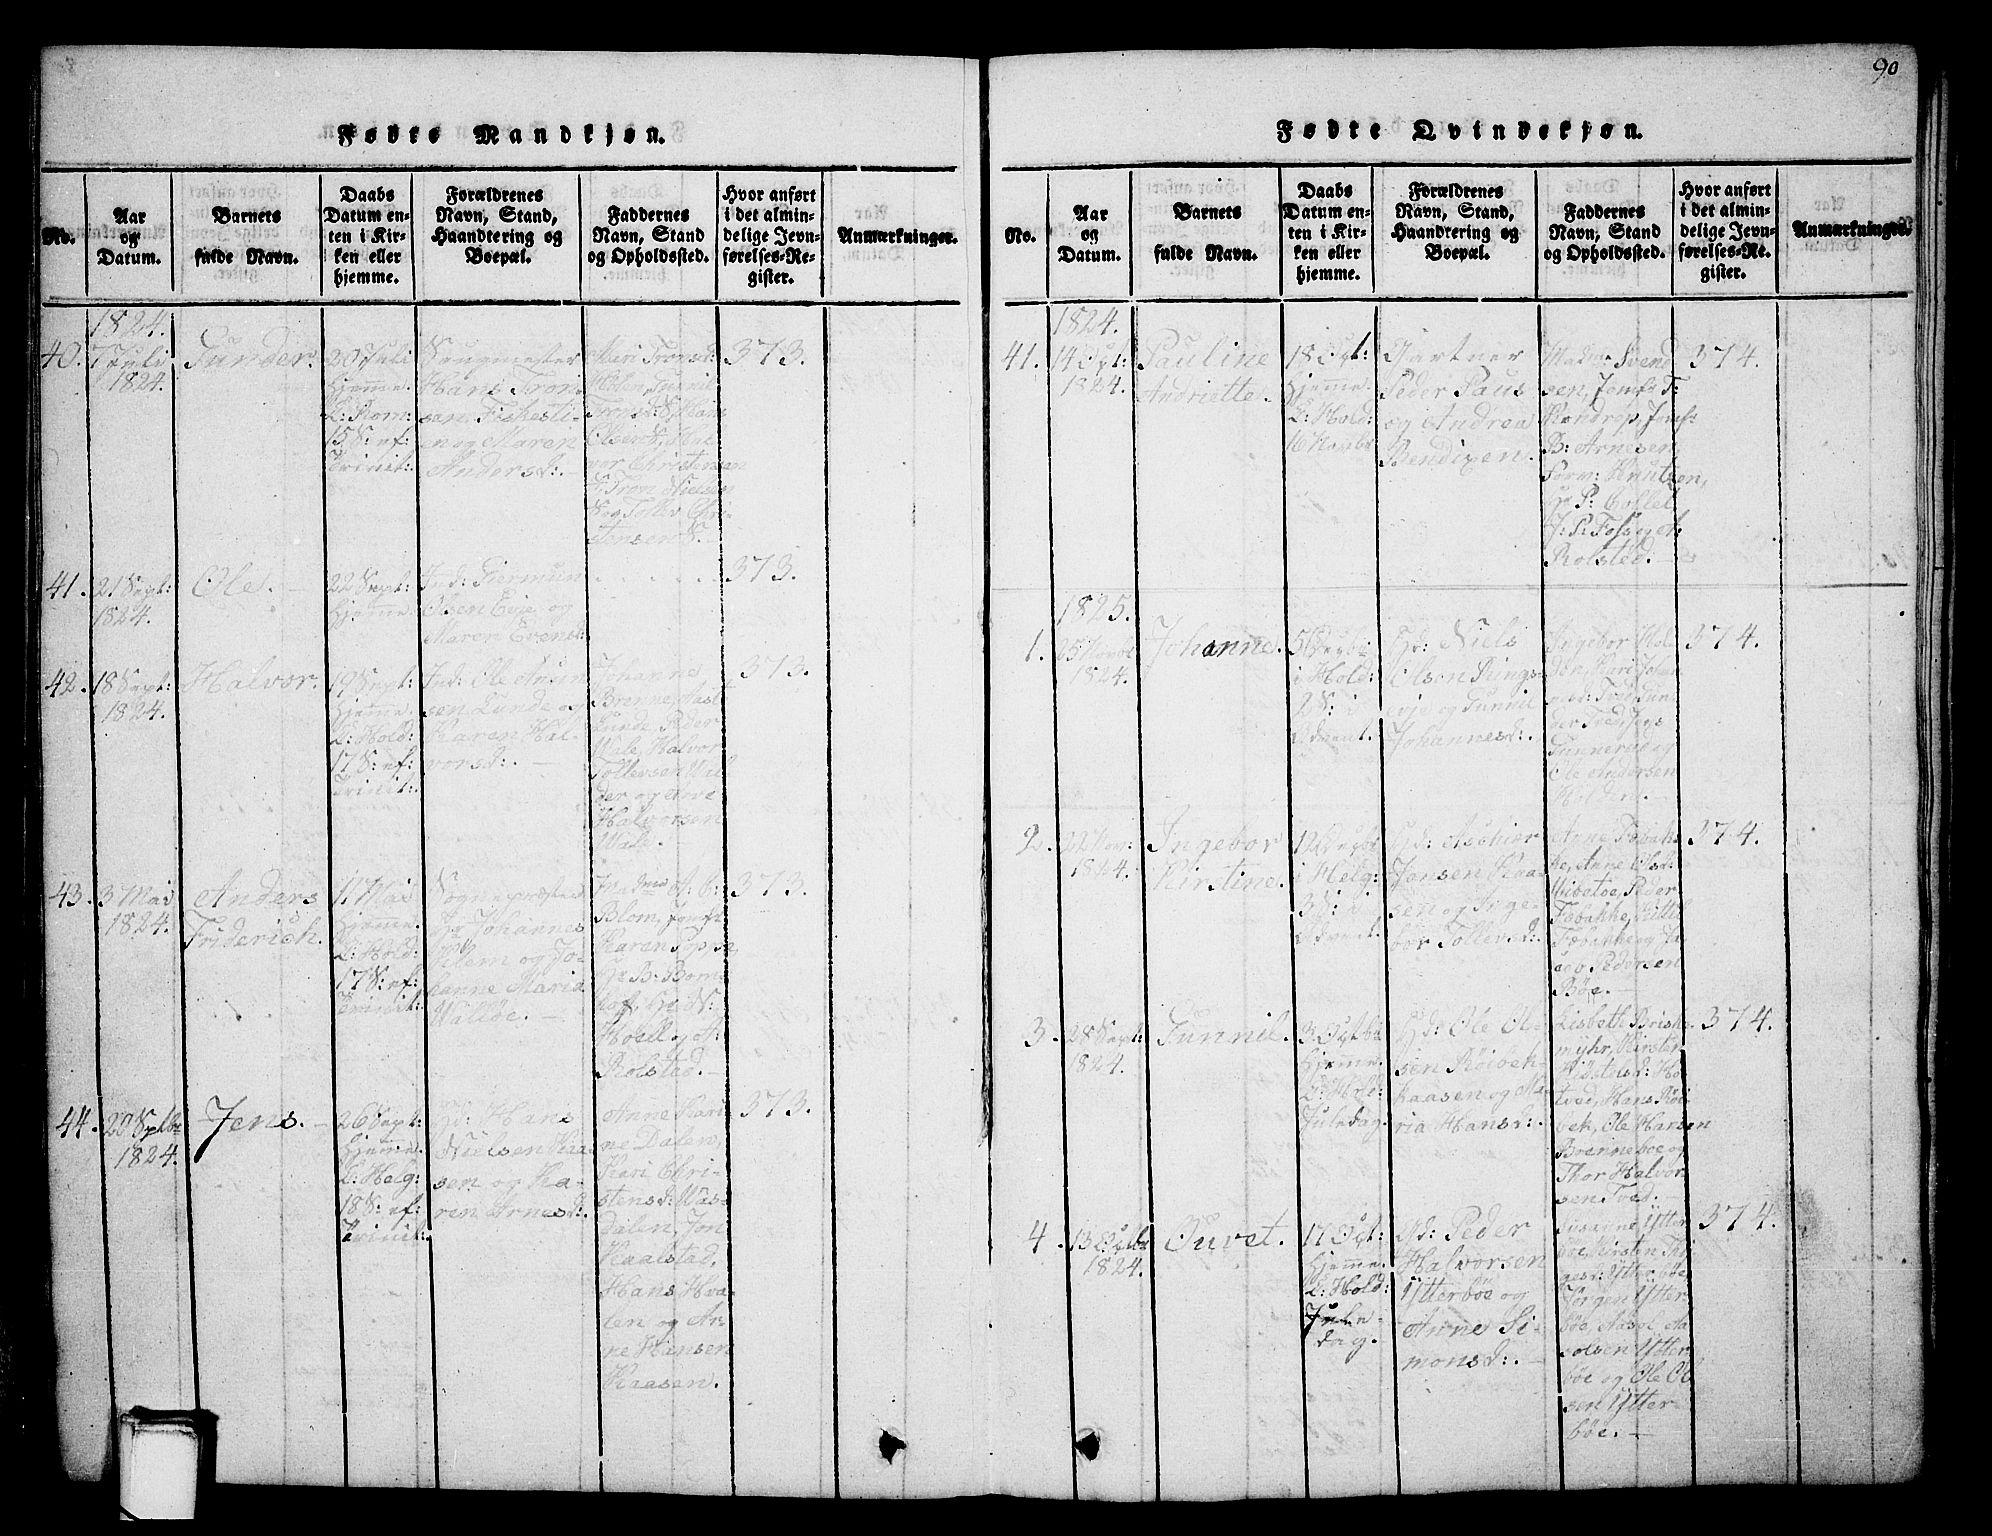 SAKO, Holla kirkebøker, G/Ga/L0001: Klokkerbok nr. I 1, 1814-1830, s. 90